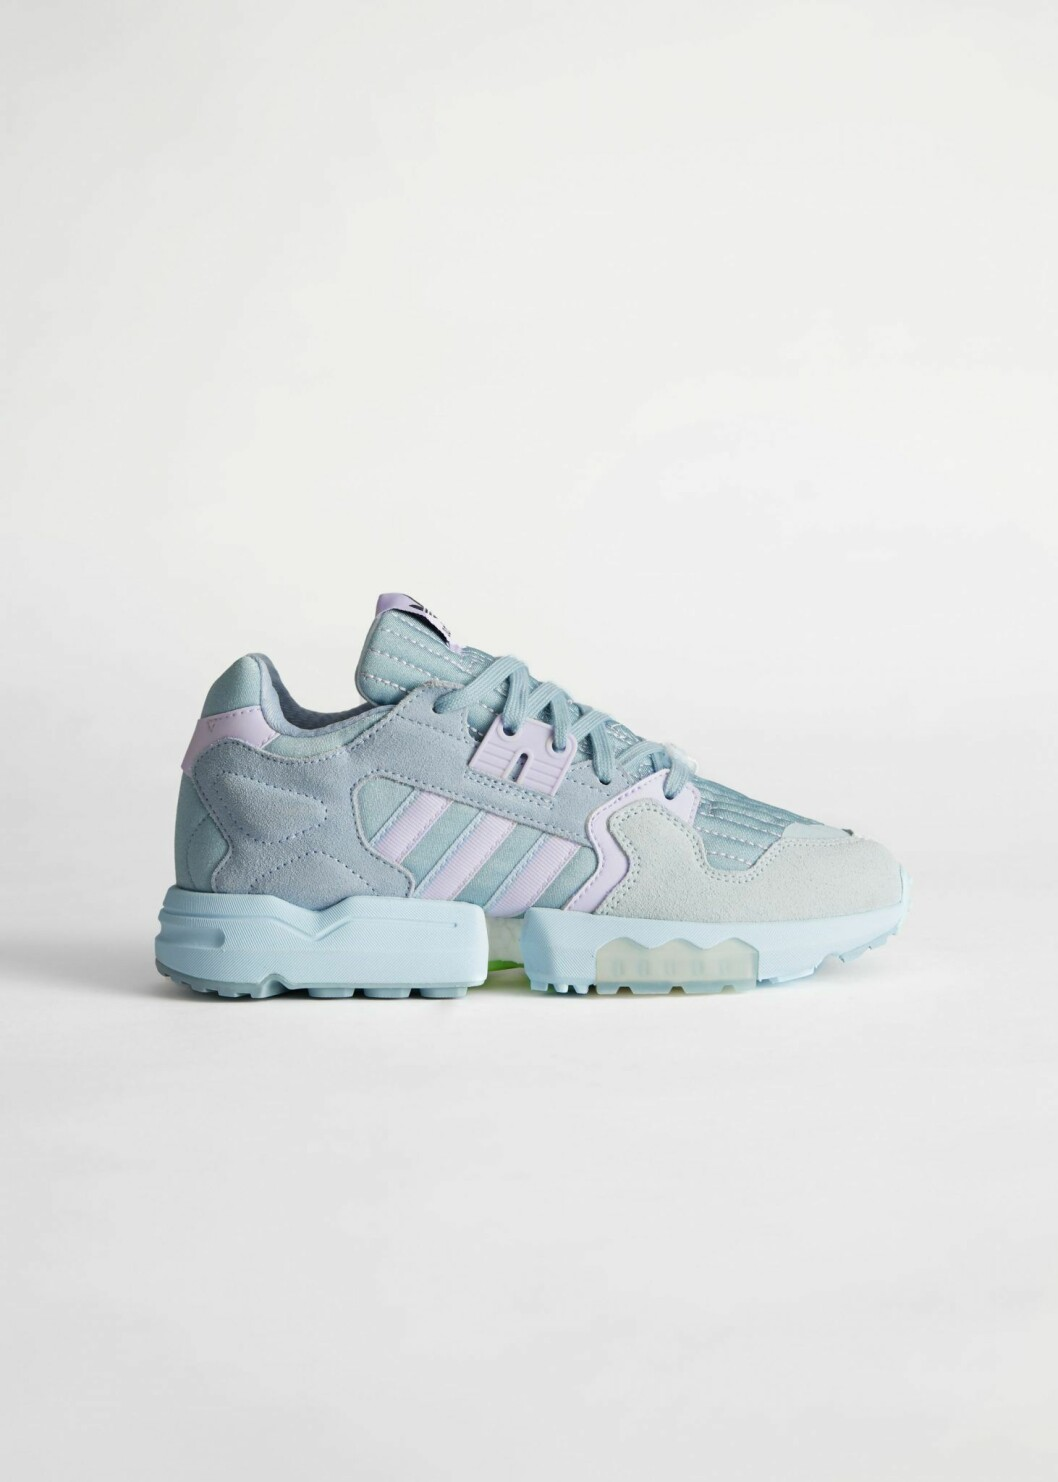 Blå sneakers med lavendel-lila detaljer från Adidas.